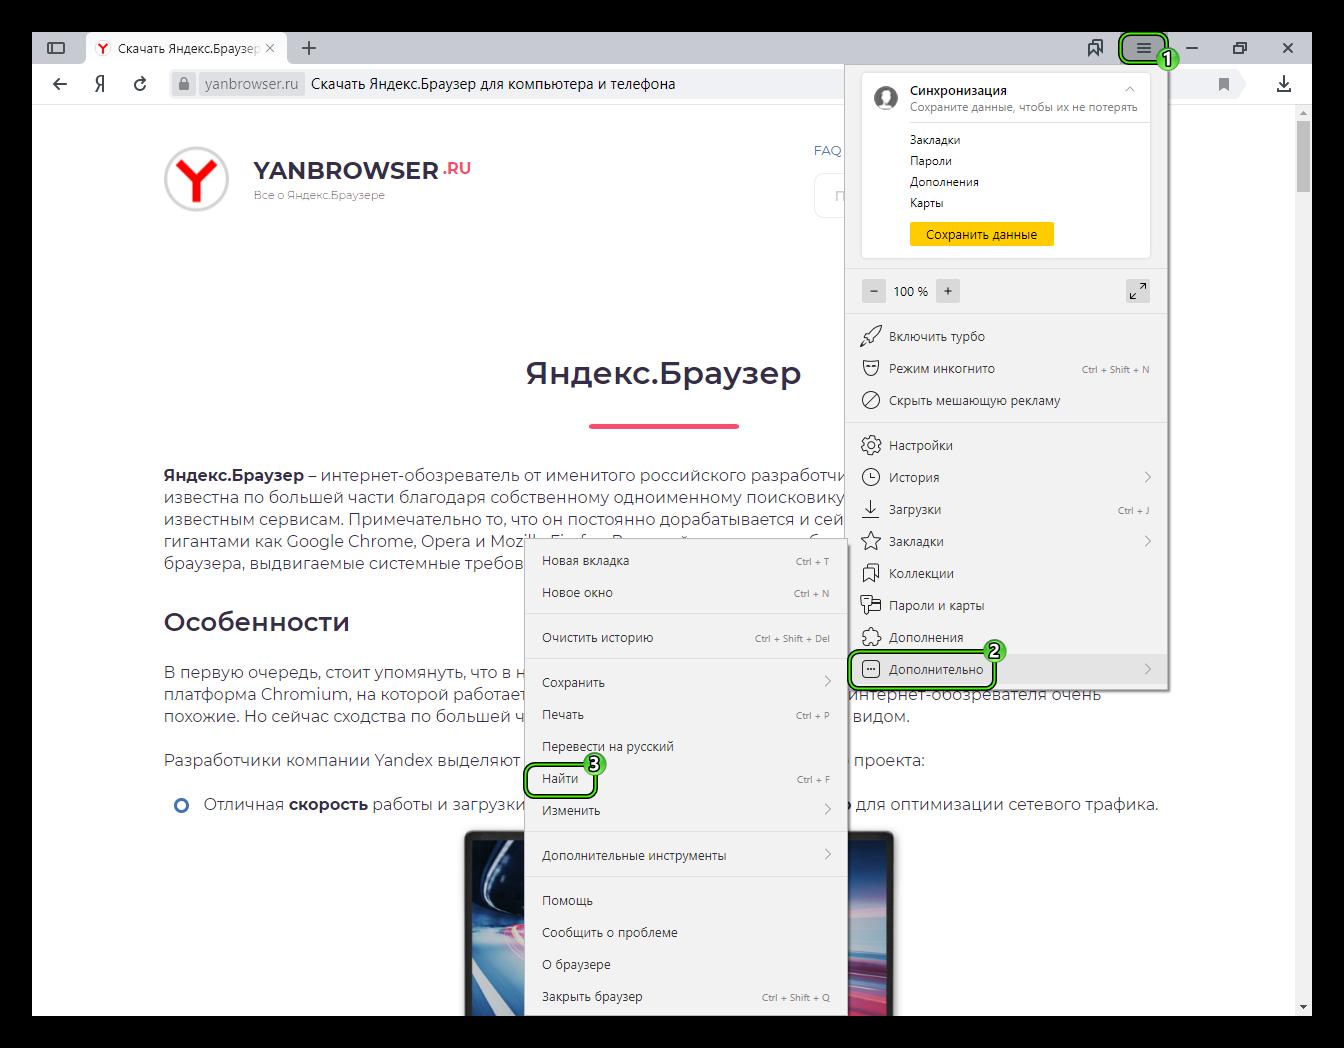 Функция Найти в основном меню Яндекс.Браузера